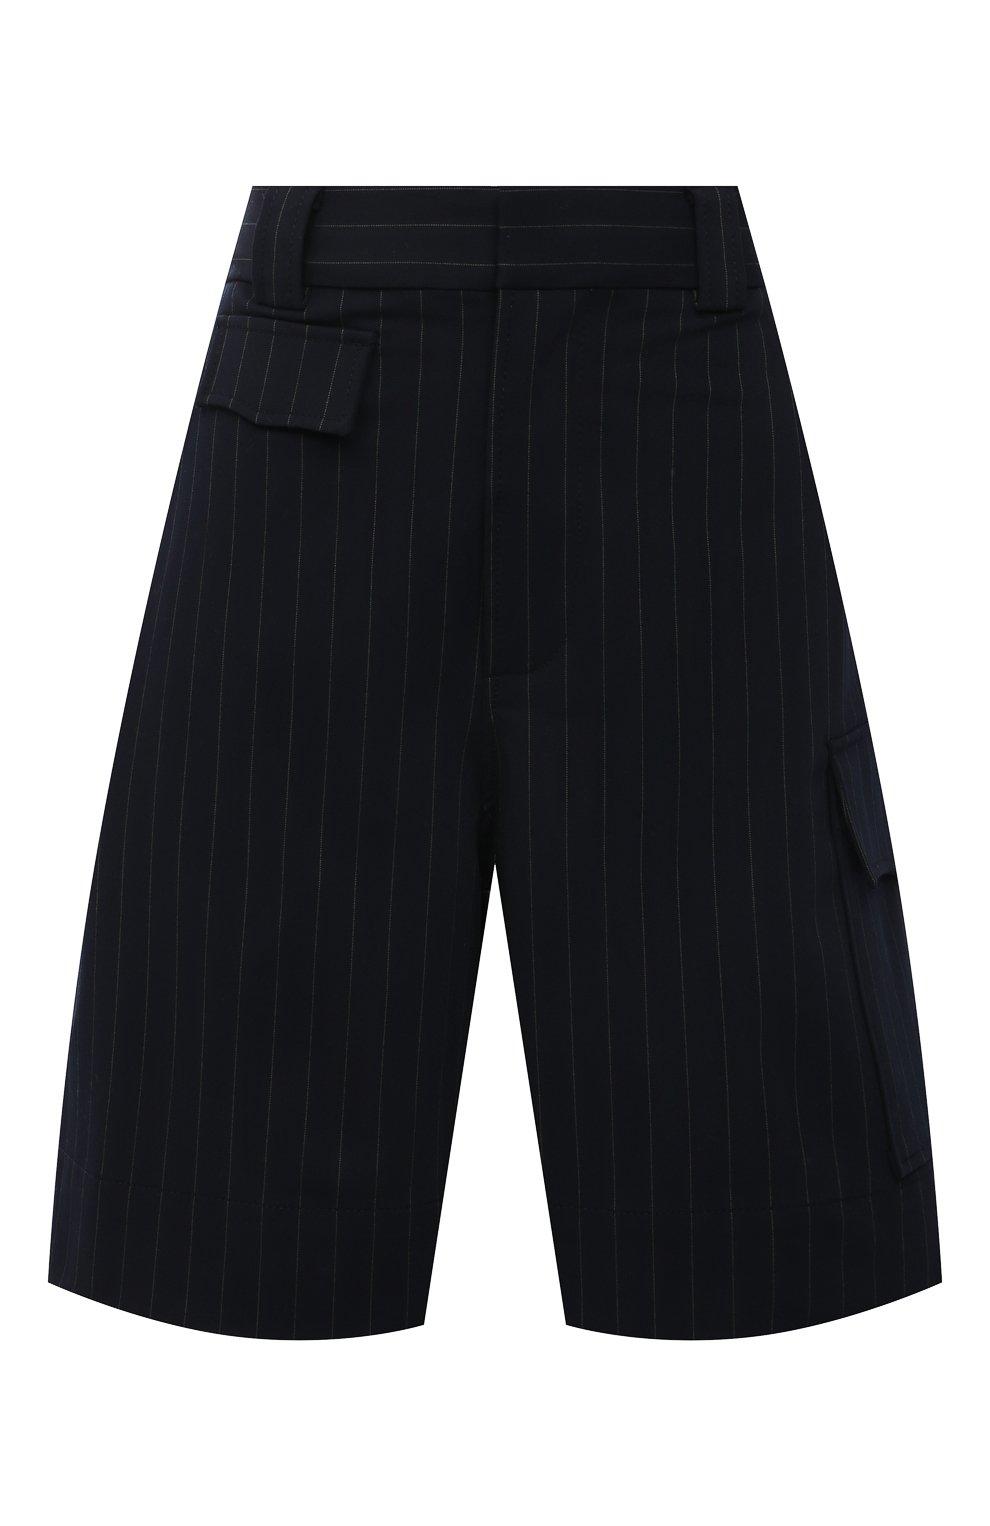 Женские шорты-бермуды GANNI темно-синего цвета, арт. F6119   Фото 1 (Женское Кросс-КТ: Шорты-одежда; Длина Ж (юбки, платья, шорты): Мини; Материал внешний: Синтетический материал, Вискоза; Кросс-КТ: Широкие; Стили: Кэжуэл)